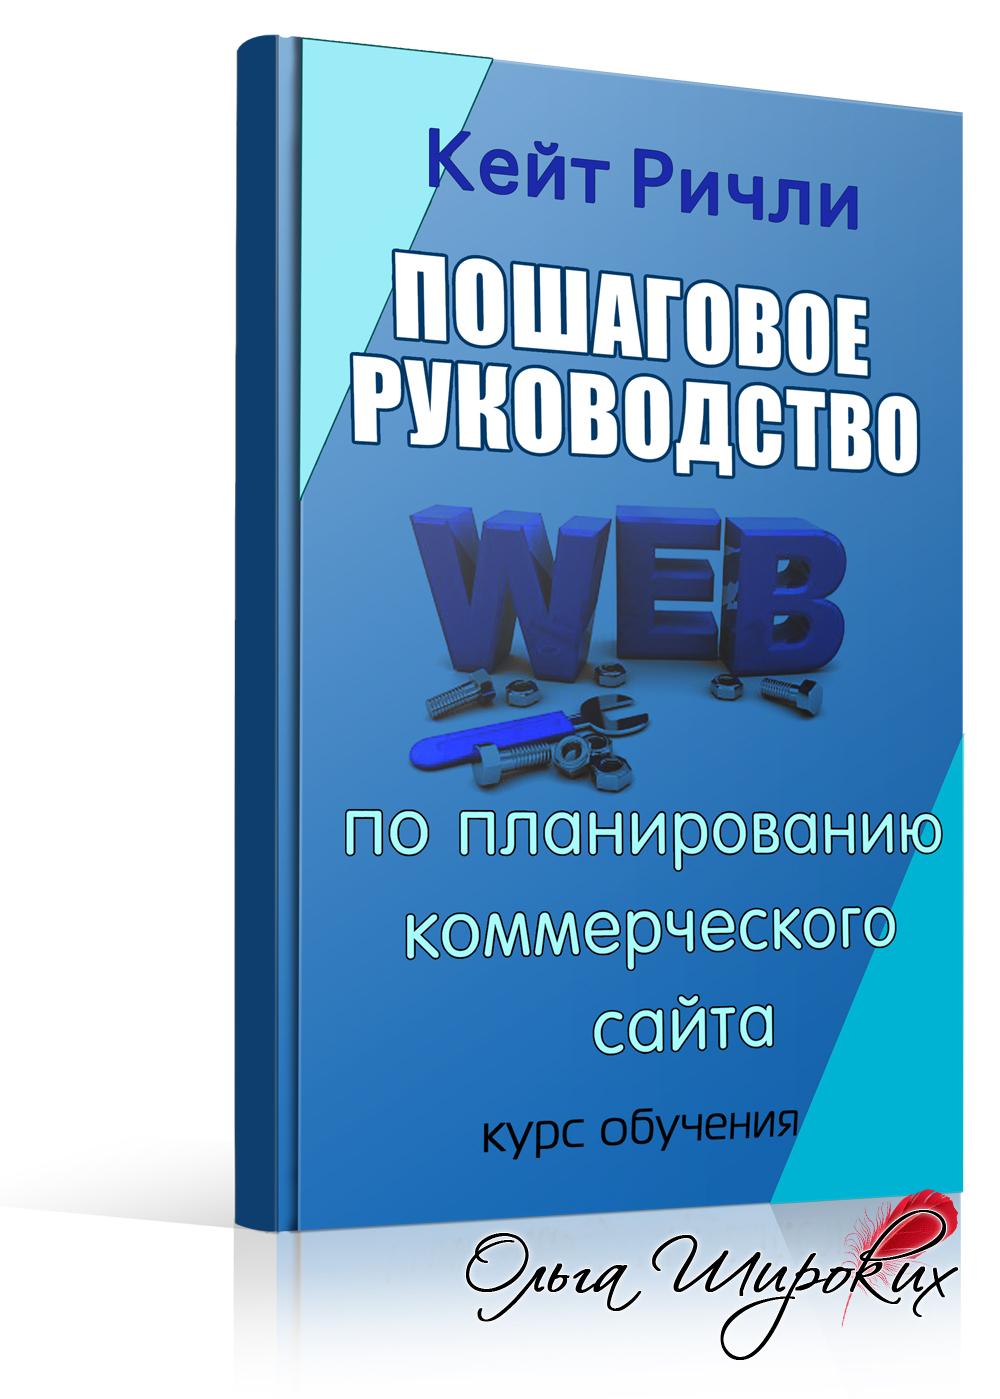 Дизайн обложки 3D книги